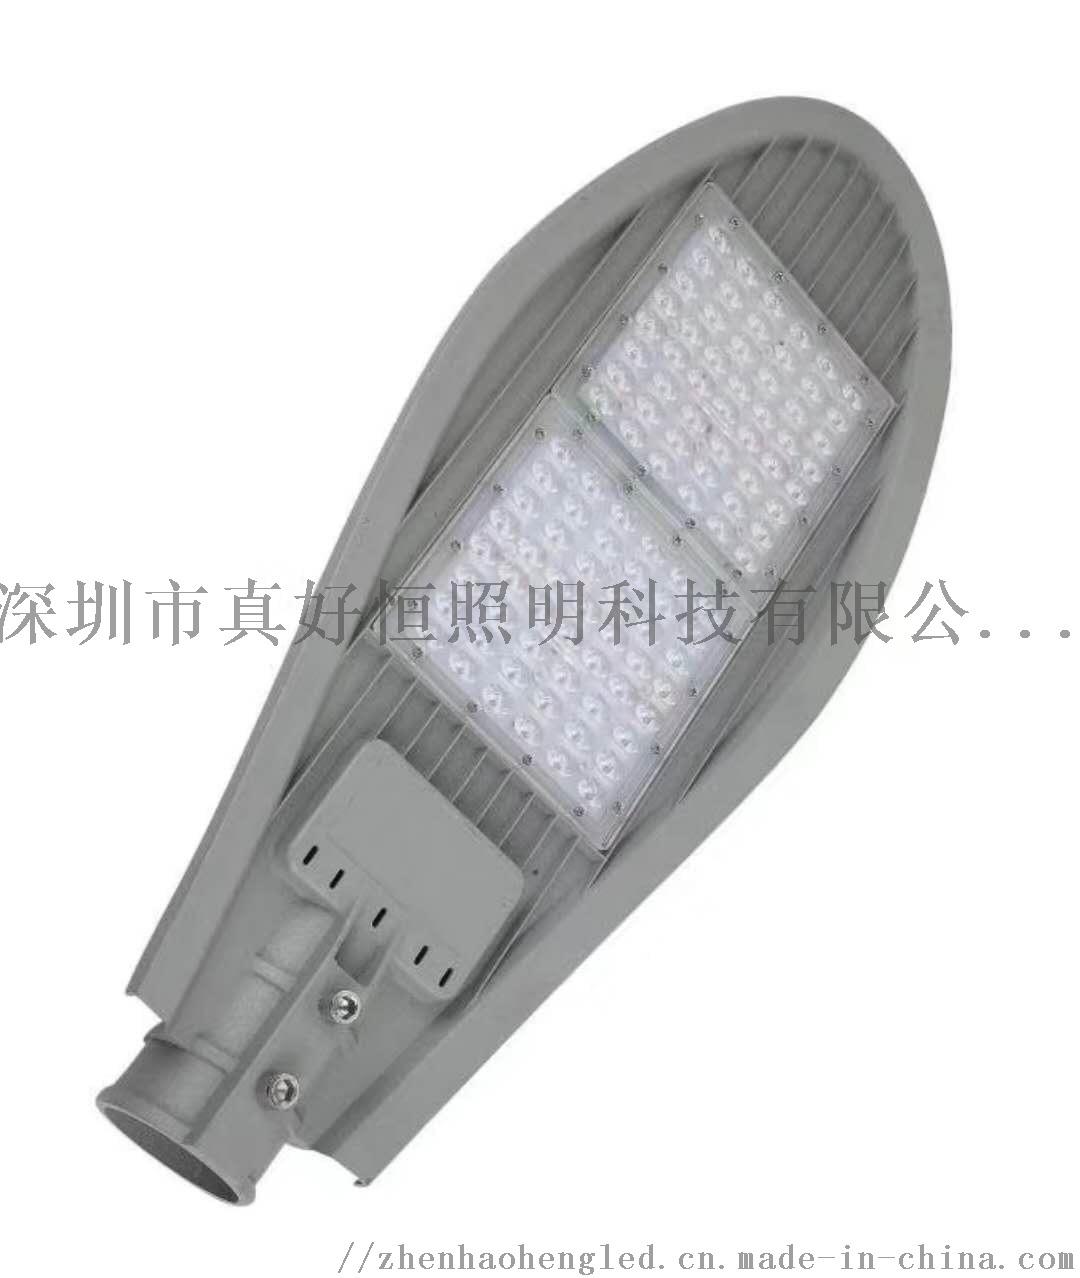 好恆照明專業生產中高端寶劍款路燈進口電源 進口晶片790670335